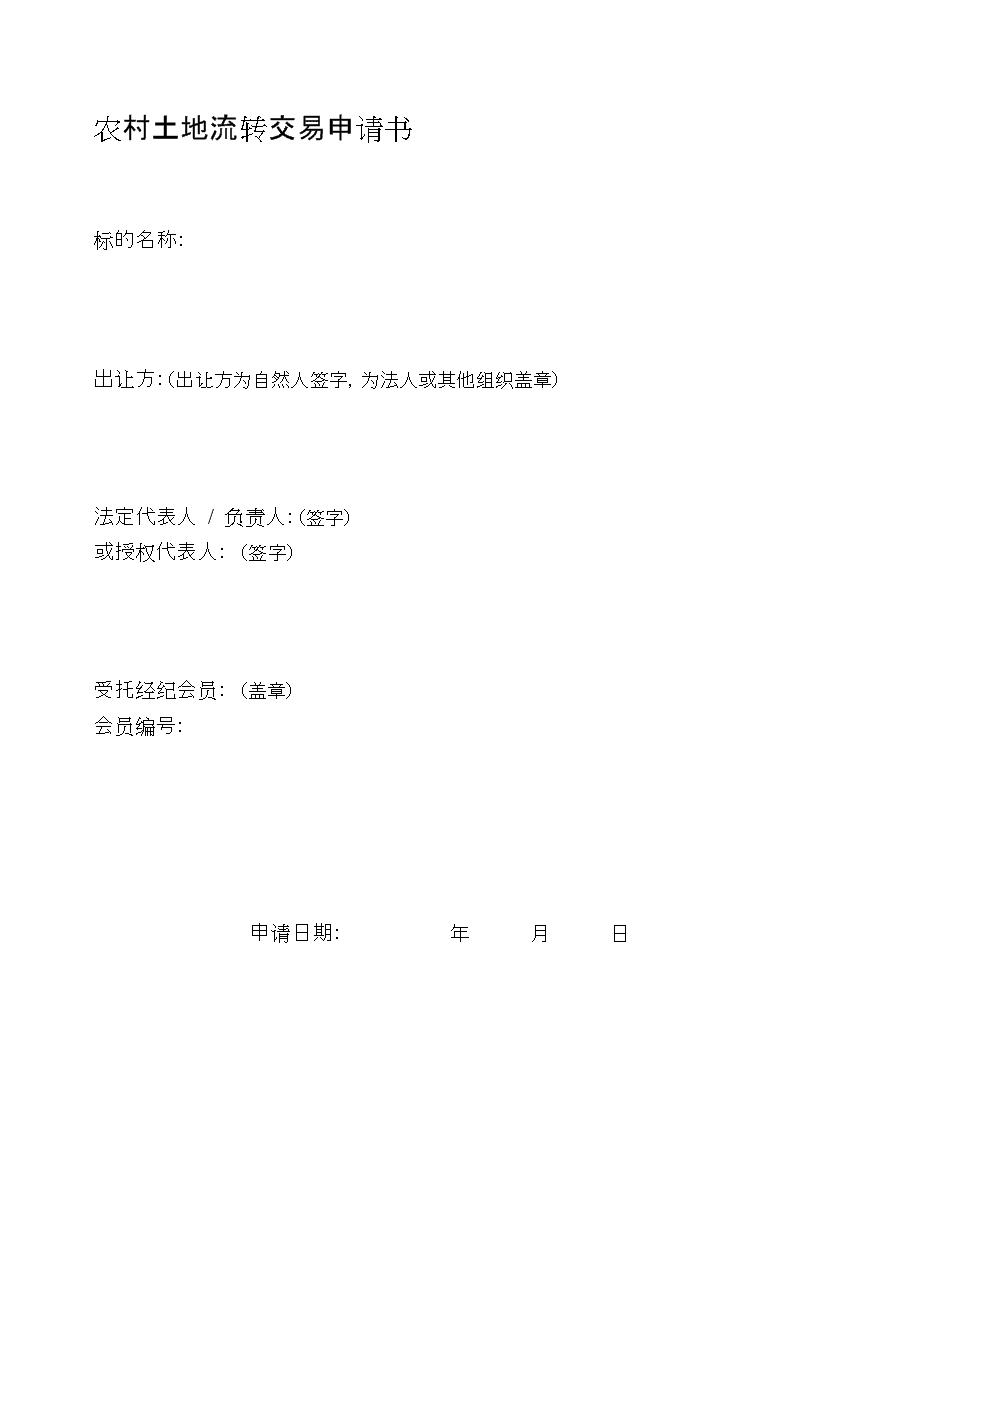 农村土地流转交易申请书(试行).docx